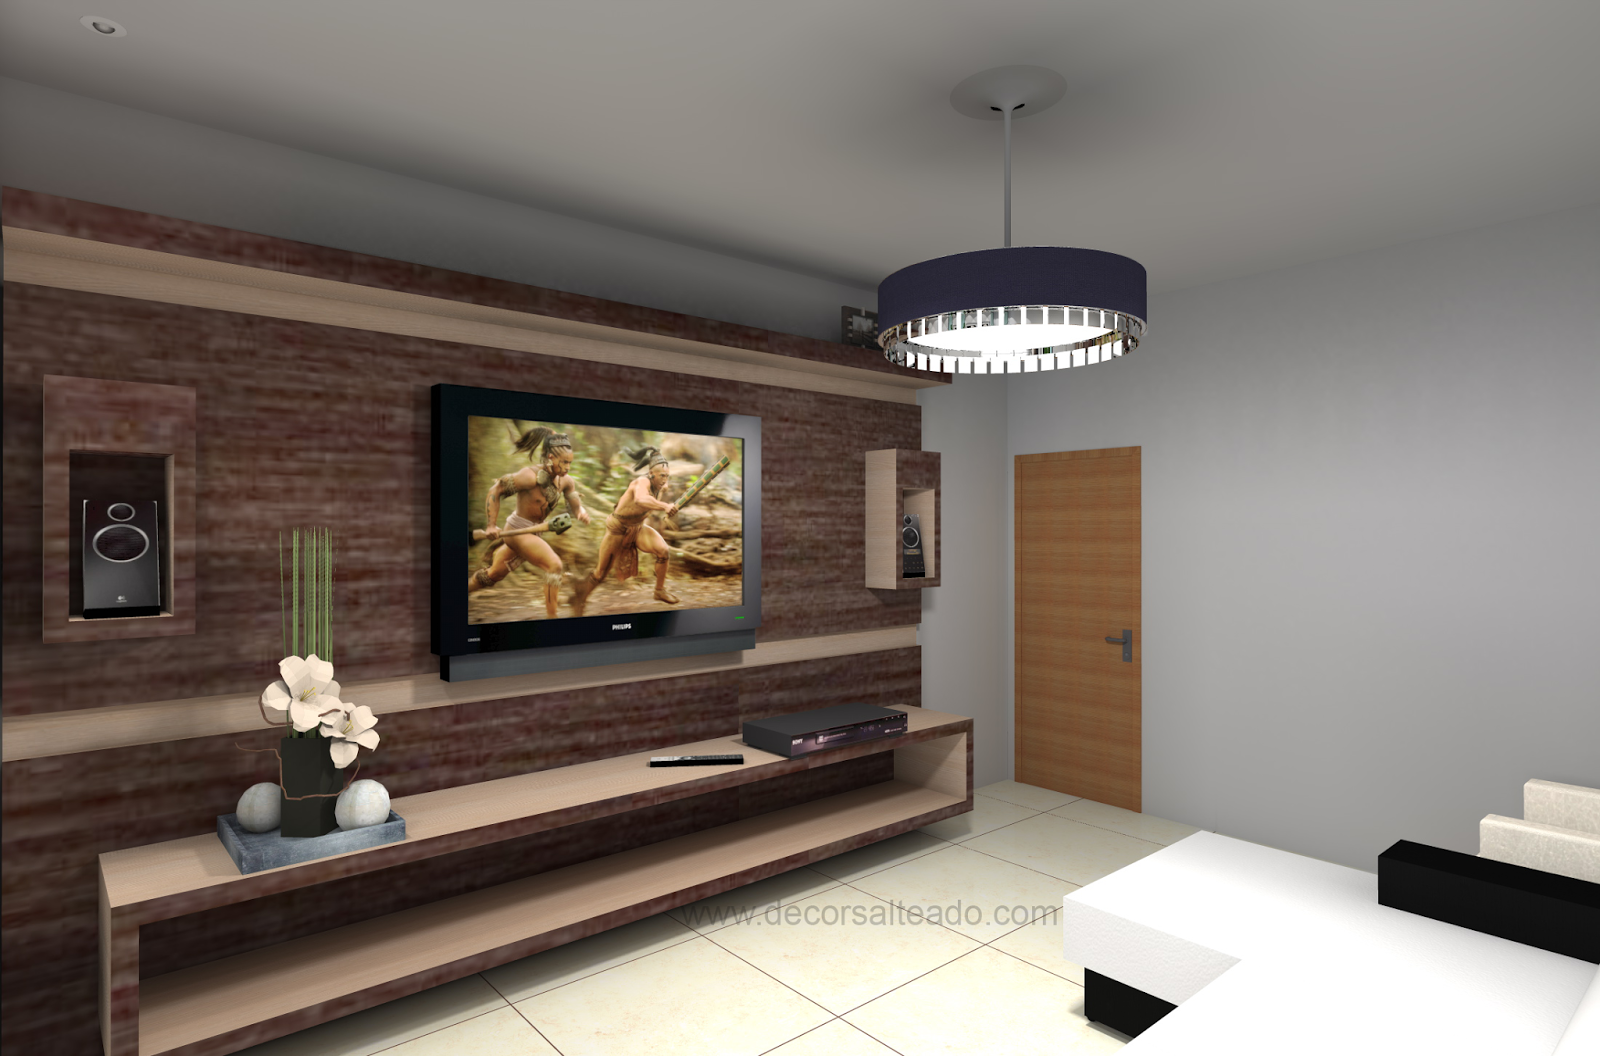 #906F3B Minha Sala de TV com jeito de cinema! Decor Salteado Blog de  1600x1056 píxeis em Ambientes Decorados Sala De Tv